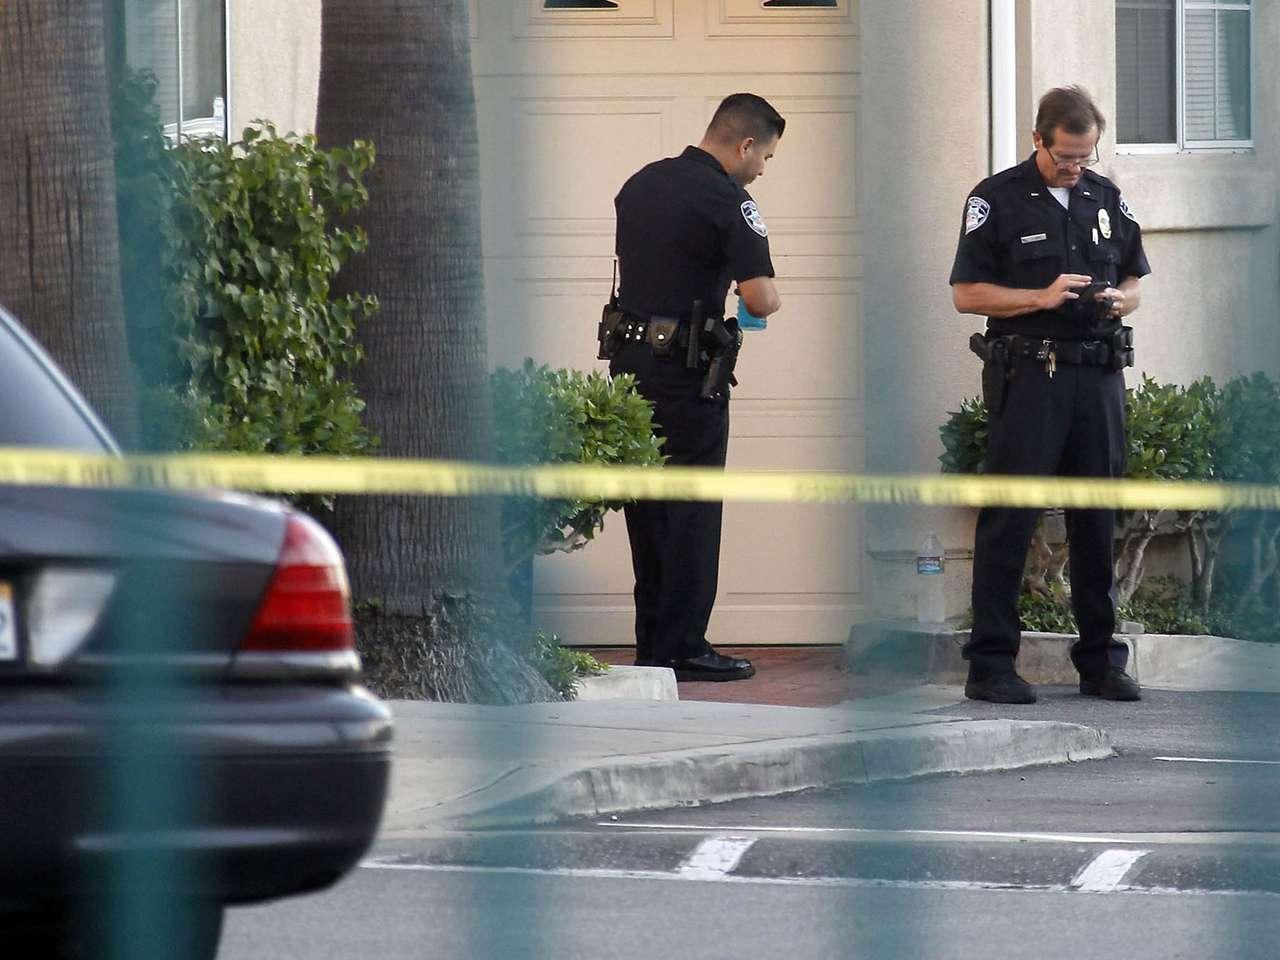 Crespo fue trasladado a un hospital local donde murió momentos después a causa de las heridas Foto: AP